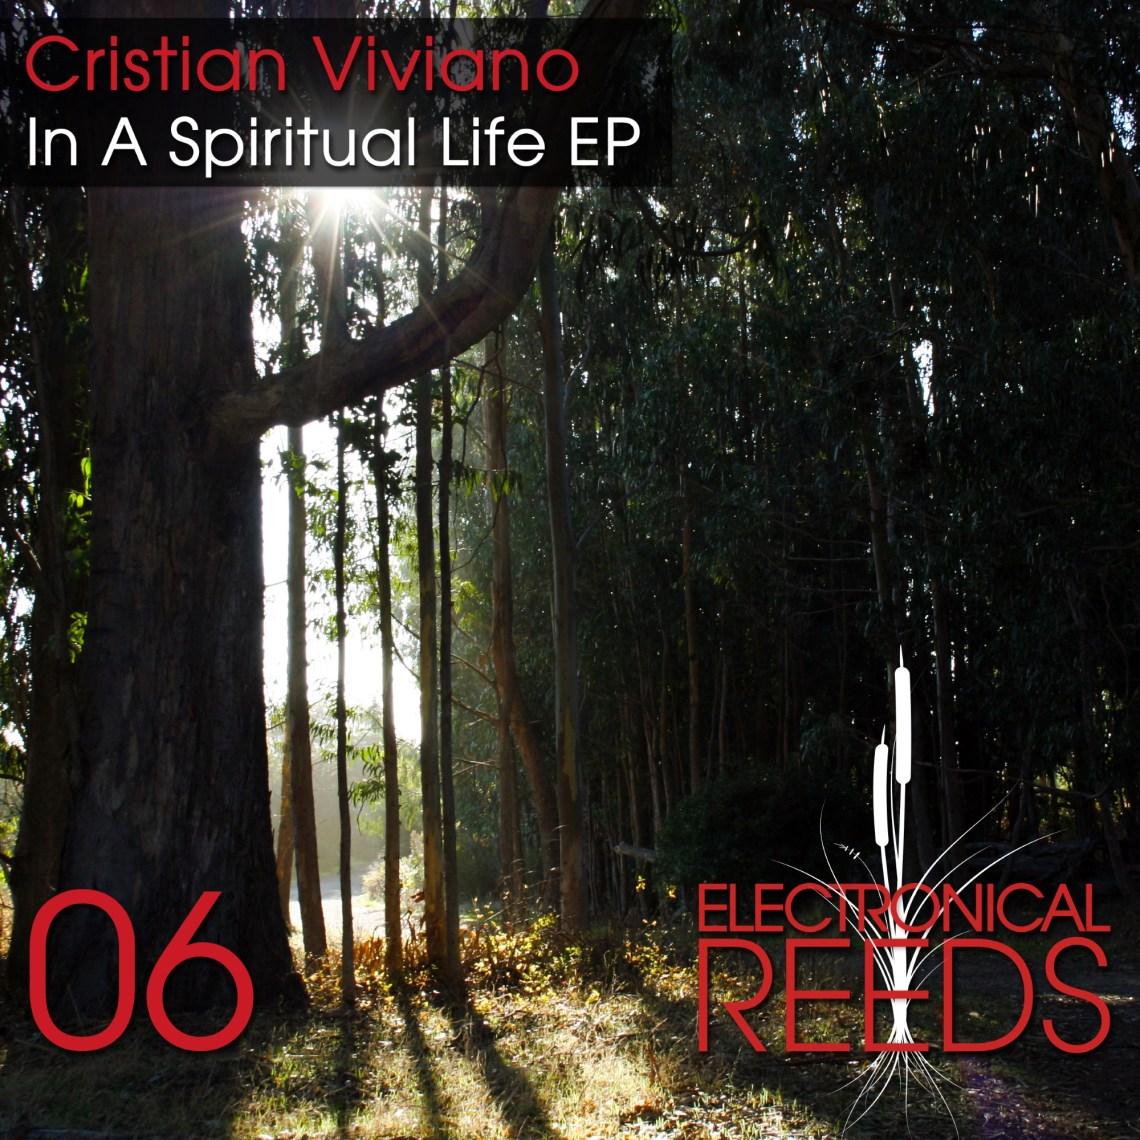 ER006 - Cristian Viviano - In A Spiritual Life EP (incl. Felix Cage Remix) - Electronical Reeds